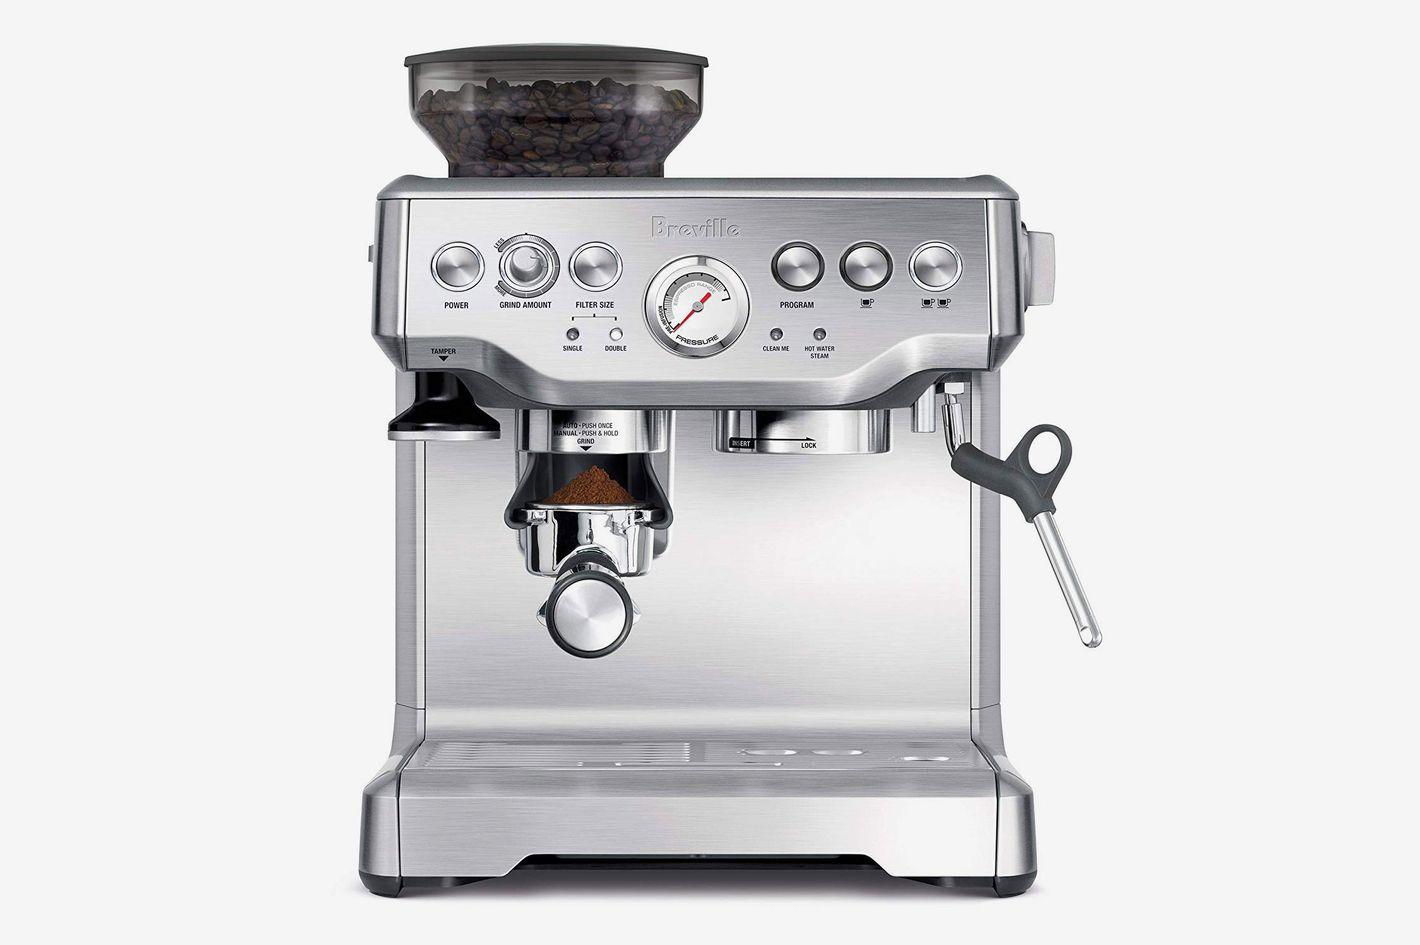 10 Best Espresso Machines On Amazon Reviewed 2019